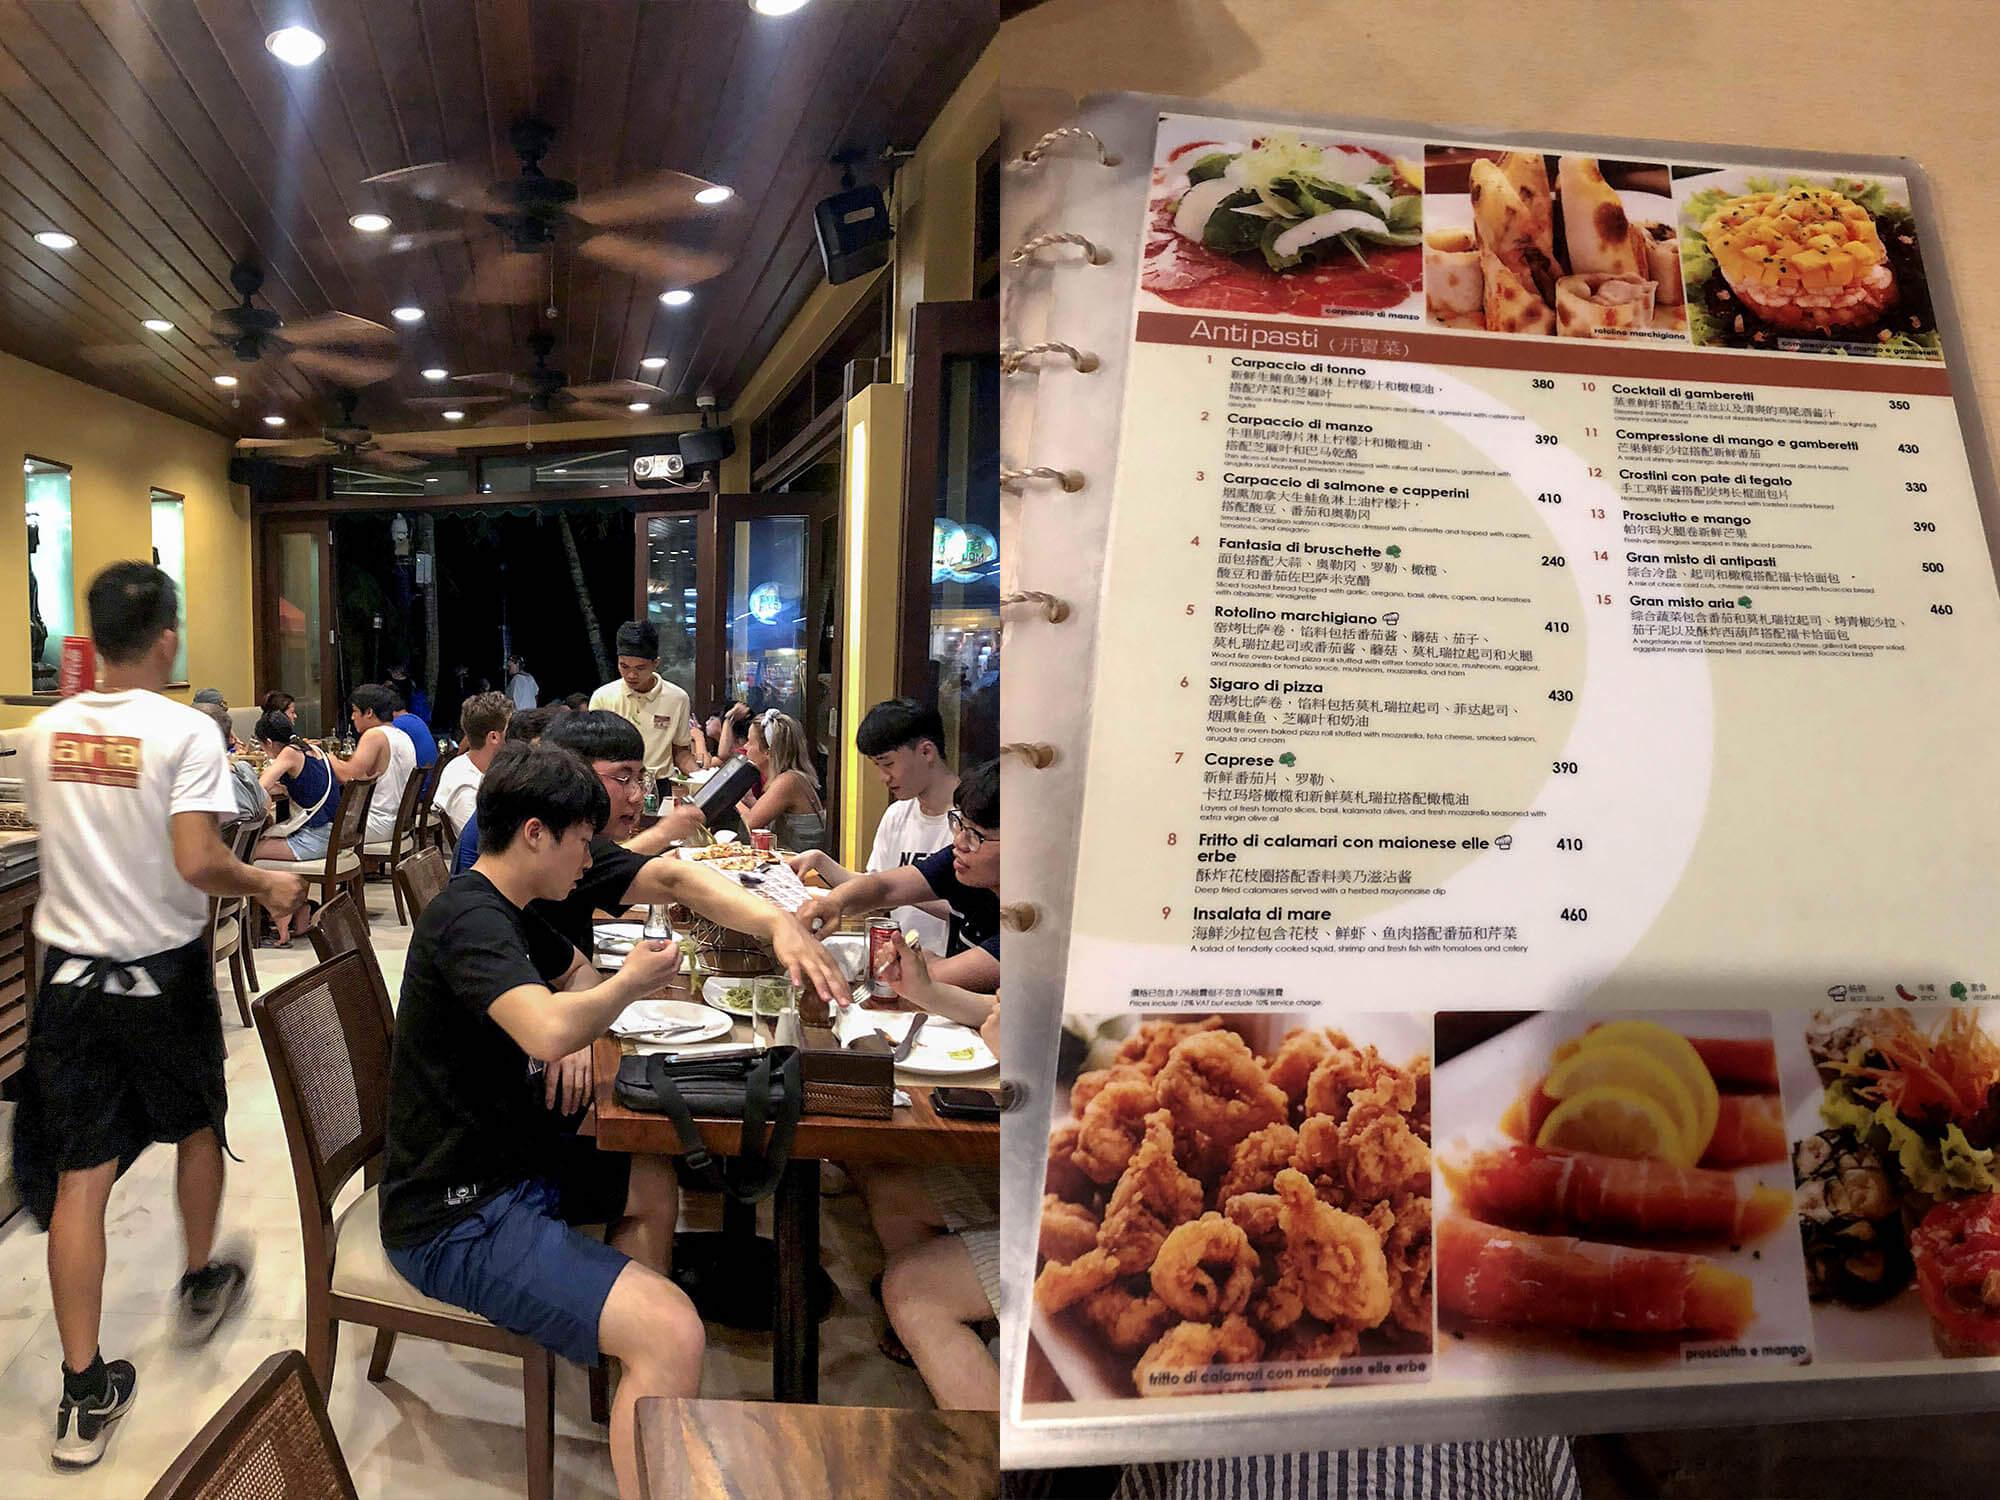 Aria餐廳_boracay店內空間